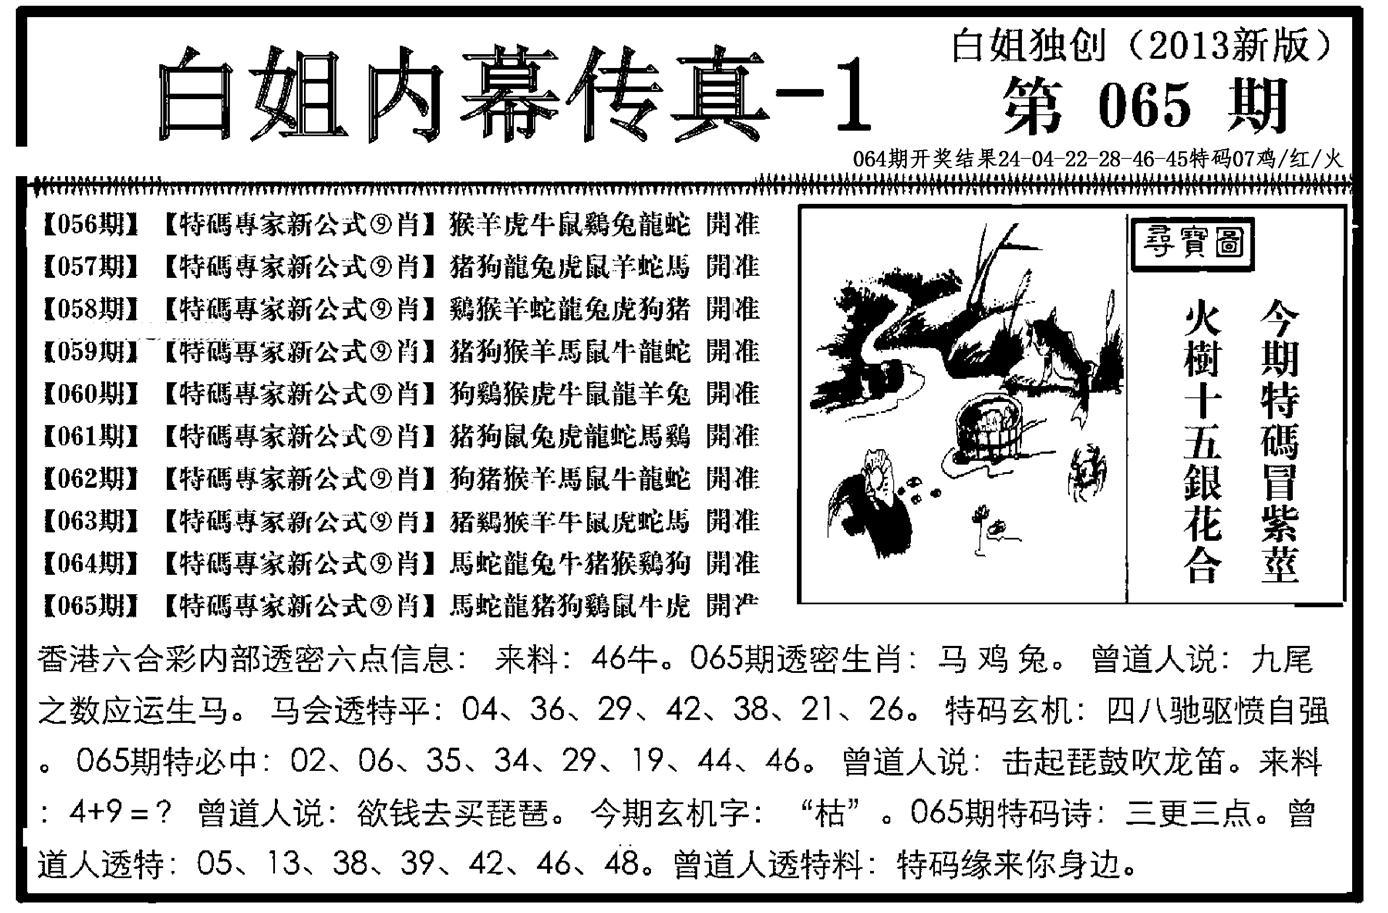 065期白姐内幕传真-1(黑白)